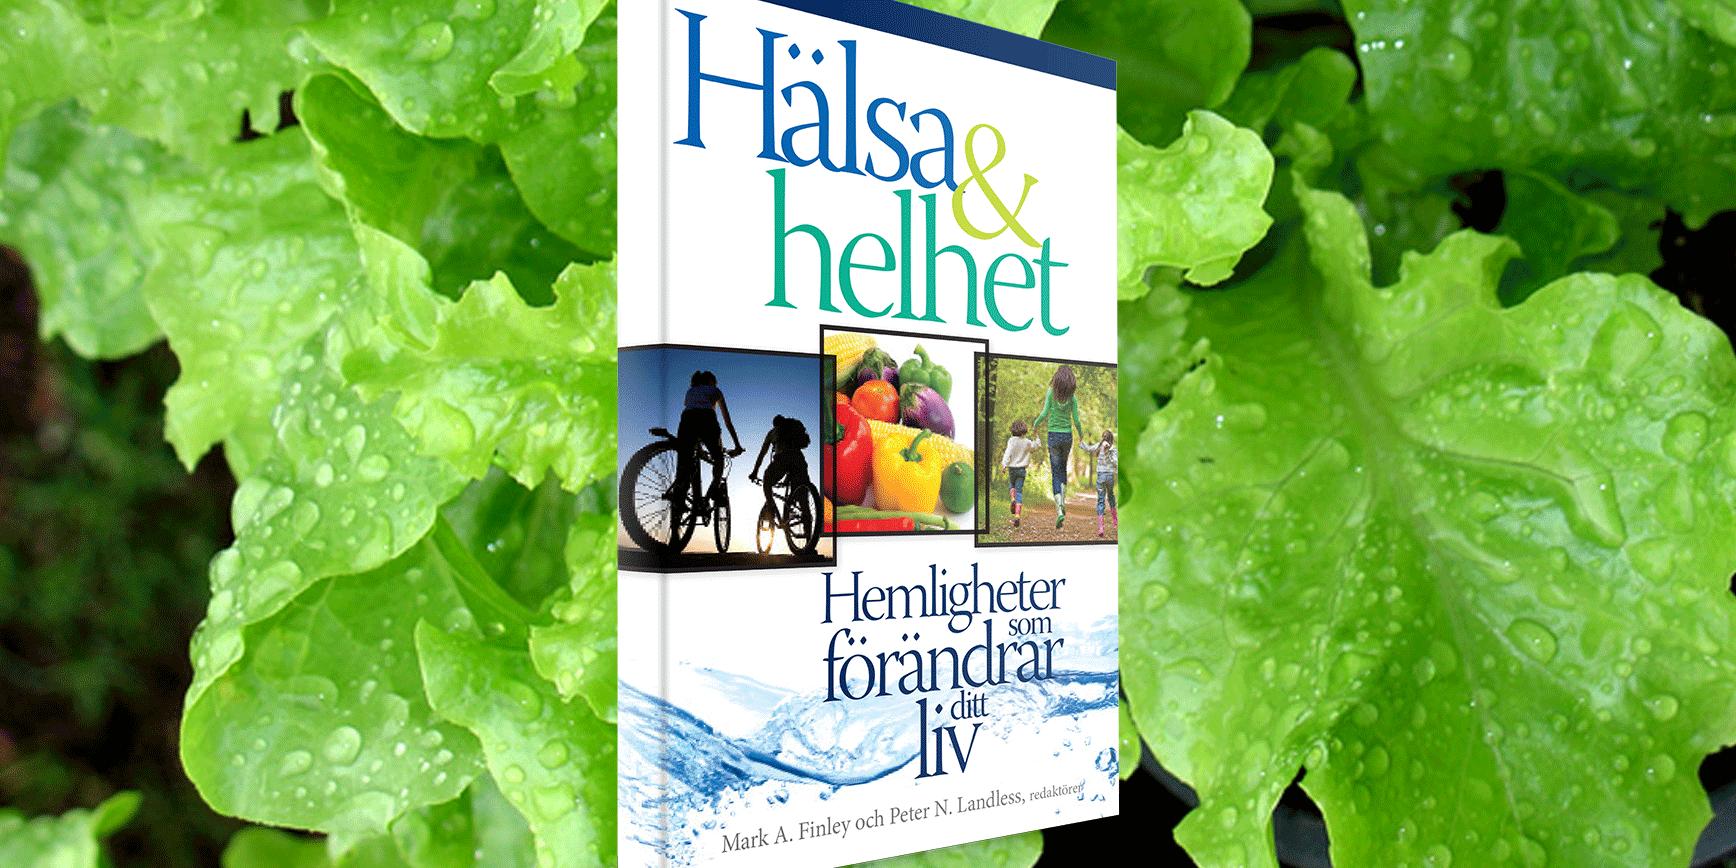 """""""Hälsa och helhet"""" heter boken som tagits fram för att sprida kunskap och uppmuntran kring helhetshälsa."""